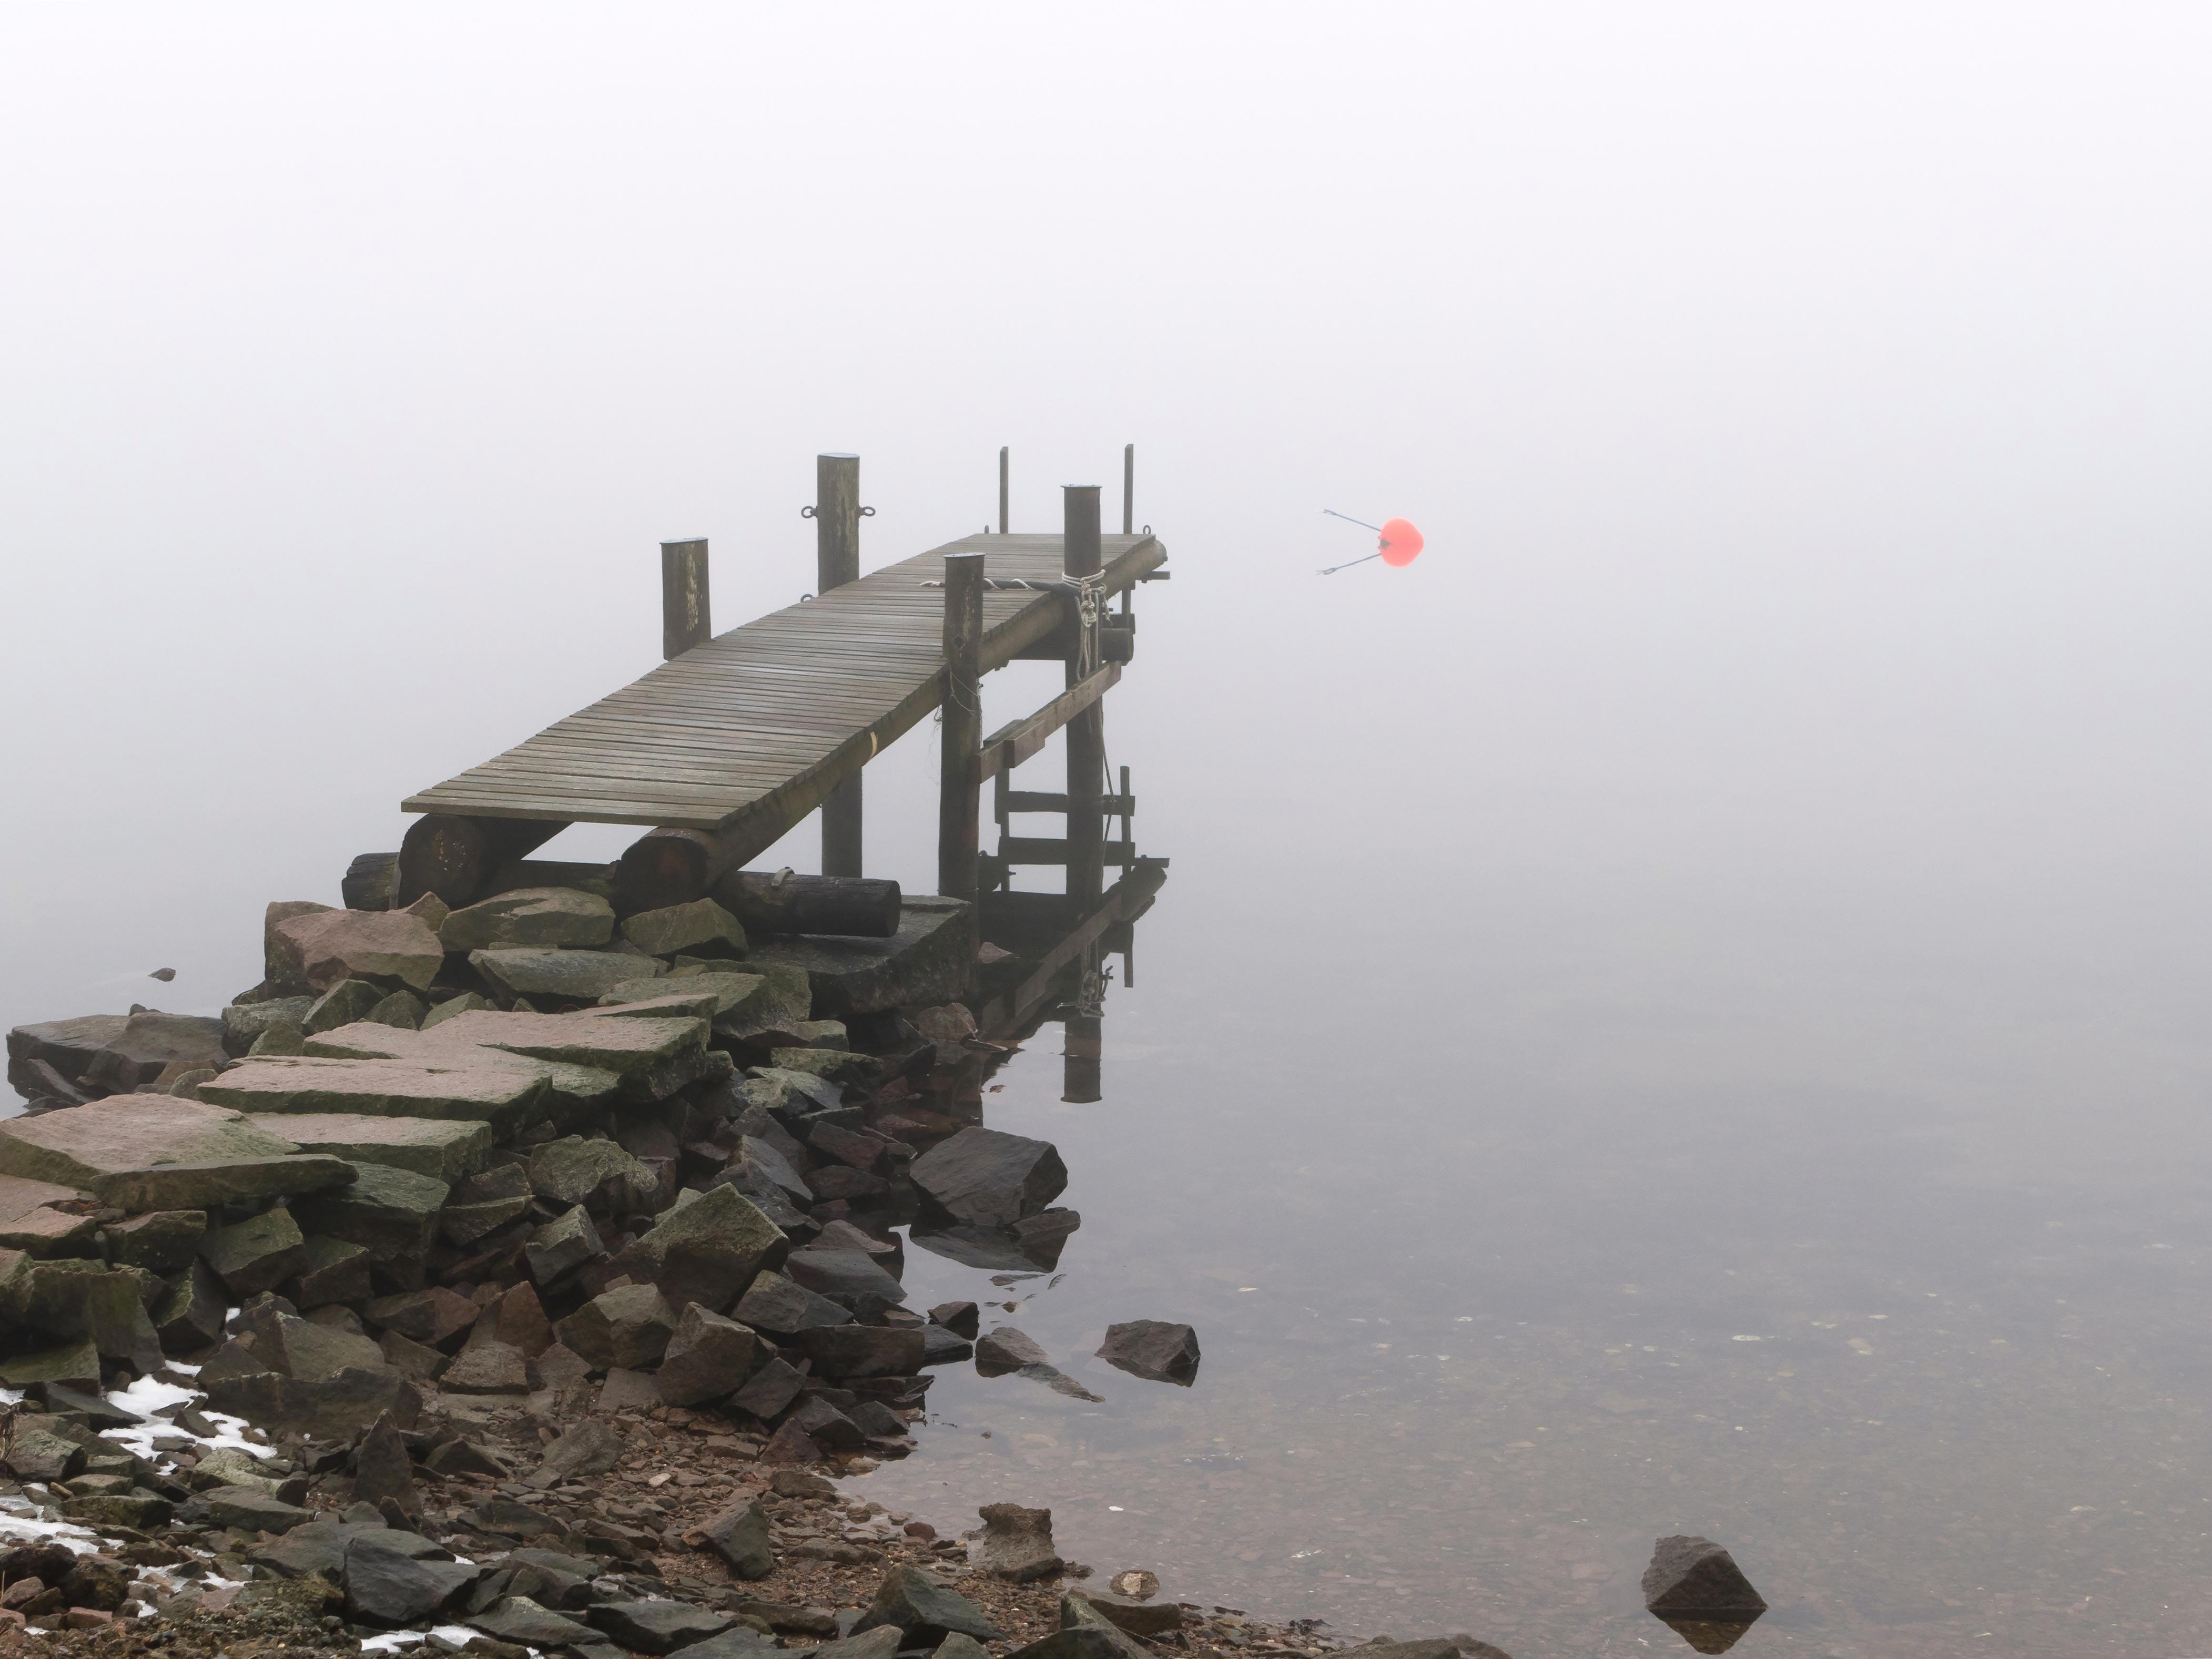 Jetty in fog at holländaröd 2 photo